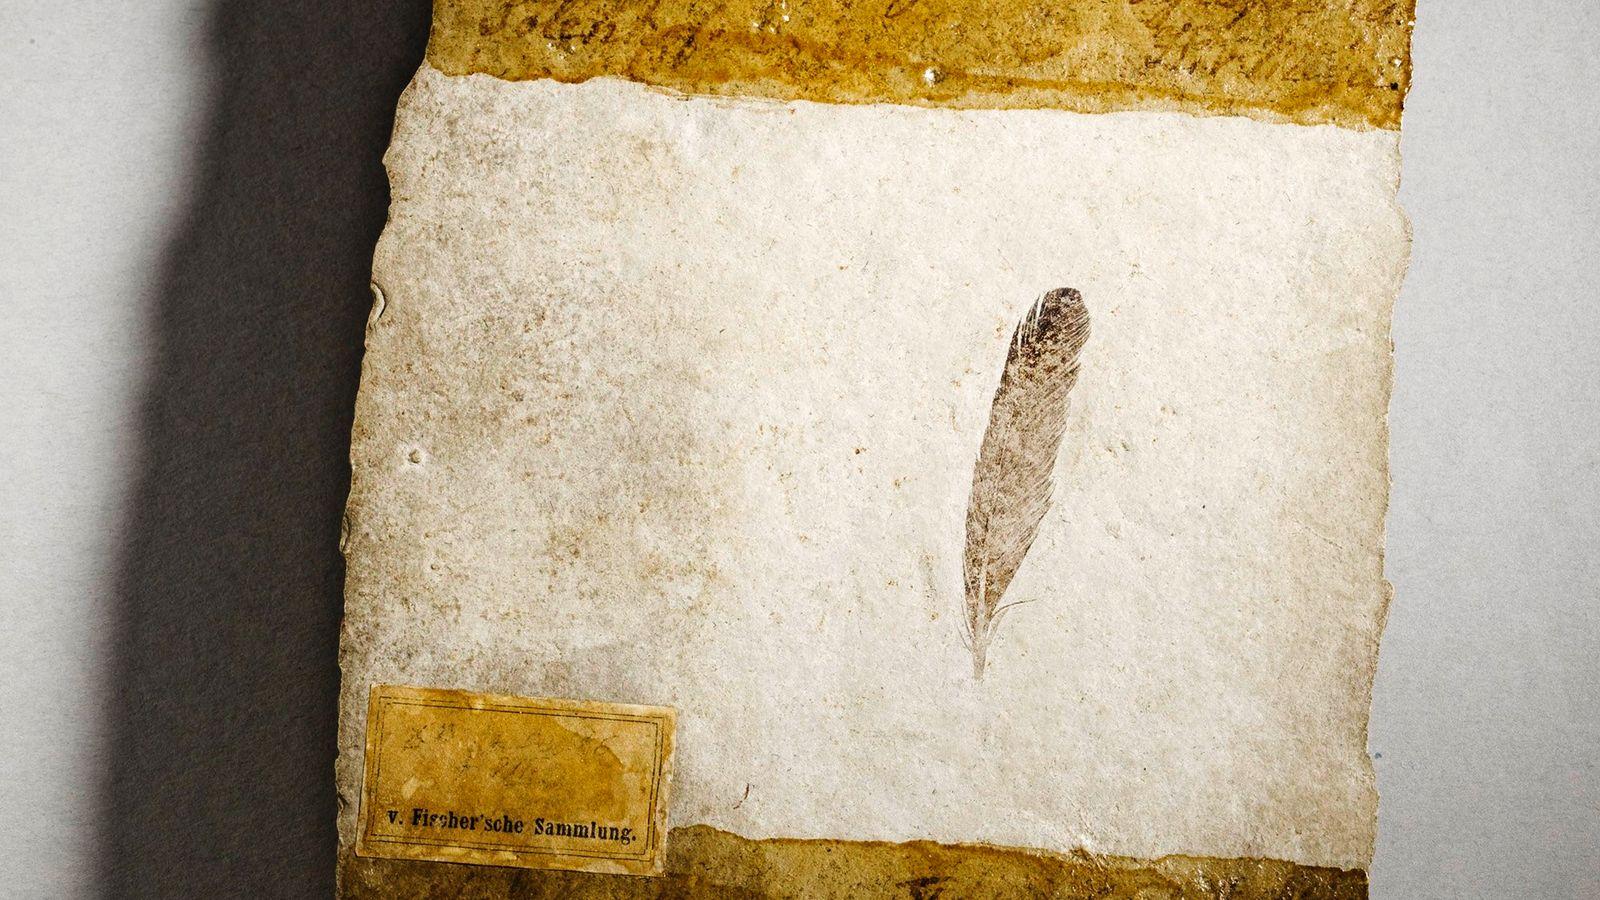 Cette plume remarquablement préservée vieille de 150 millions d'années, la toute première jamais découverte, l'a été dans ...